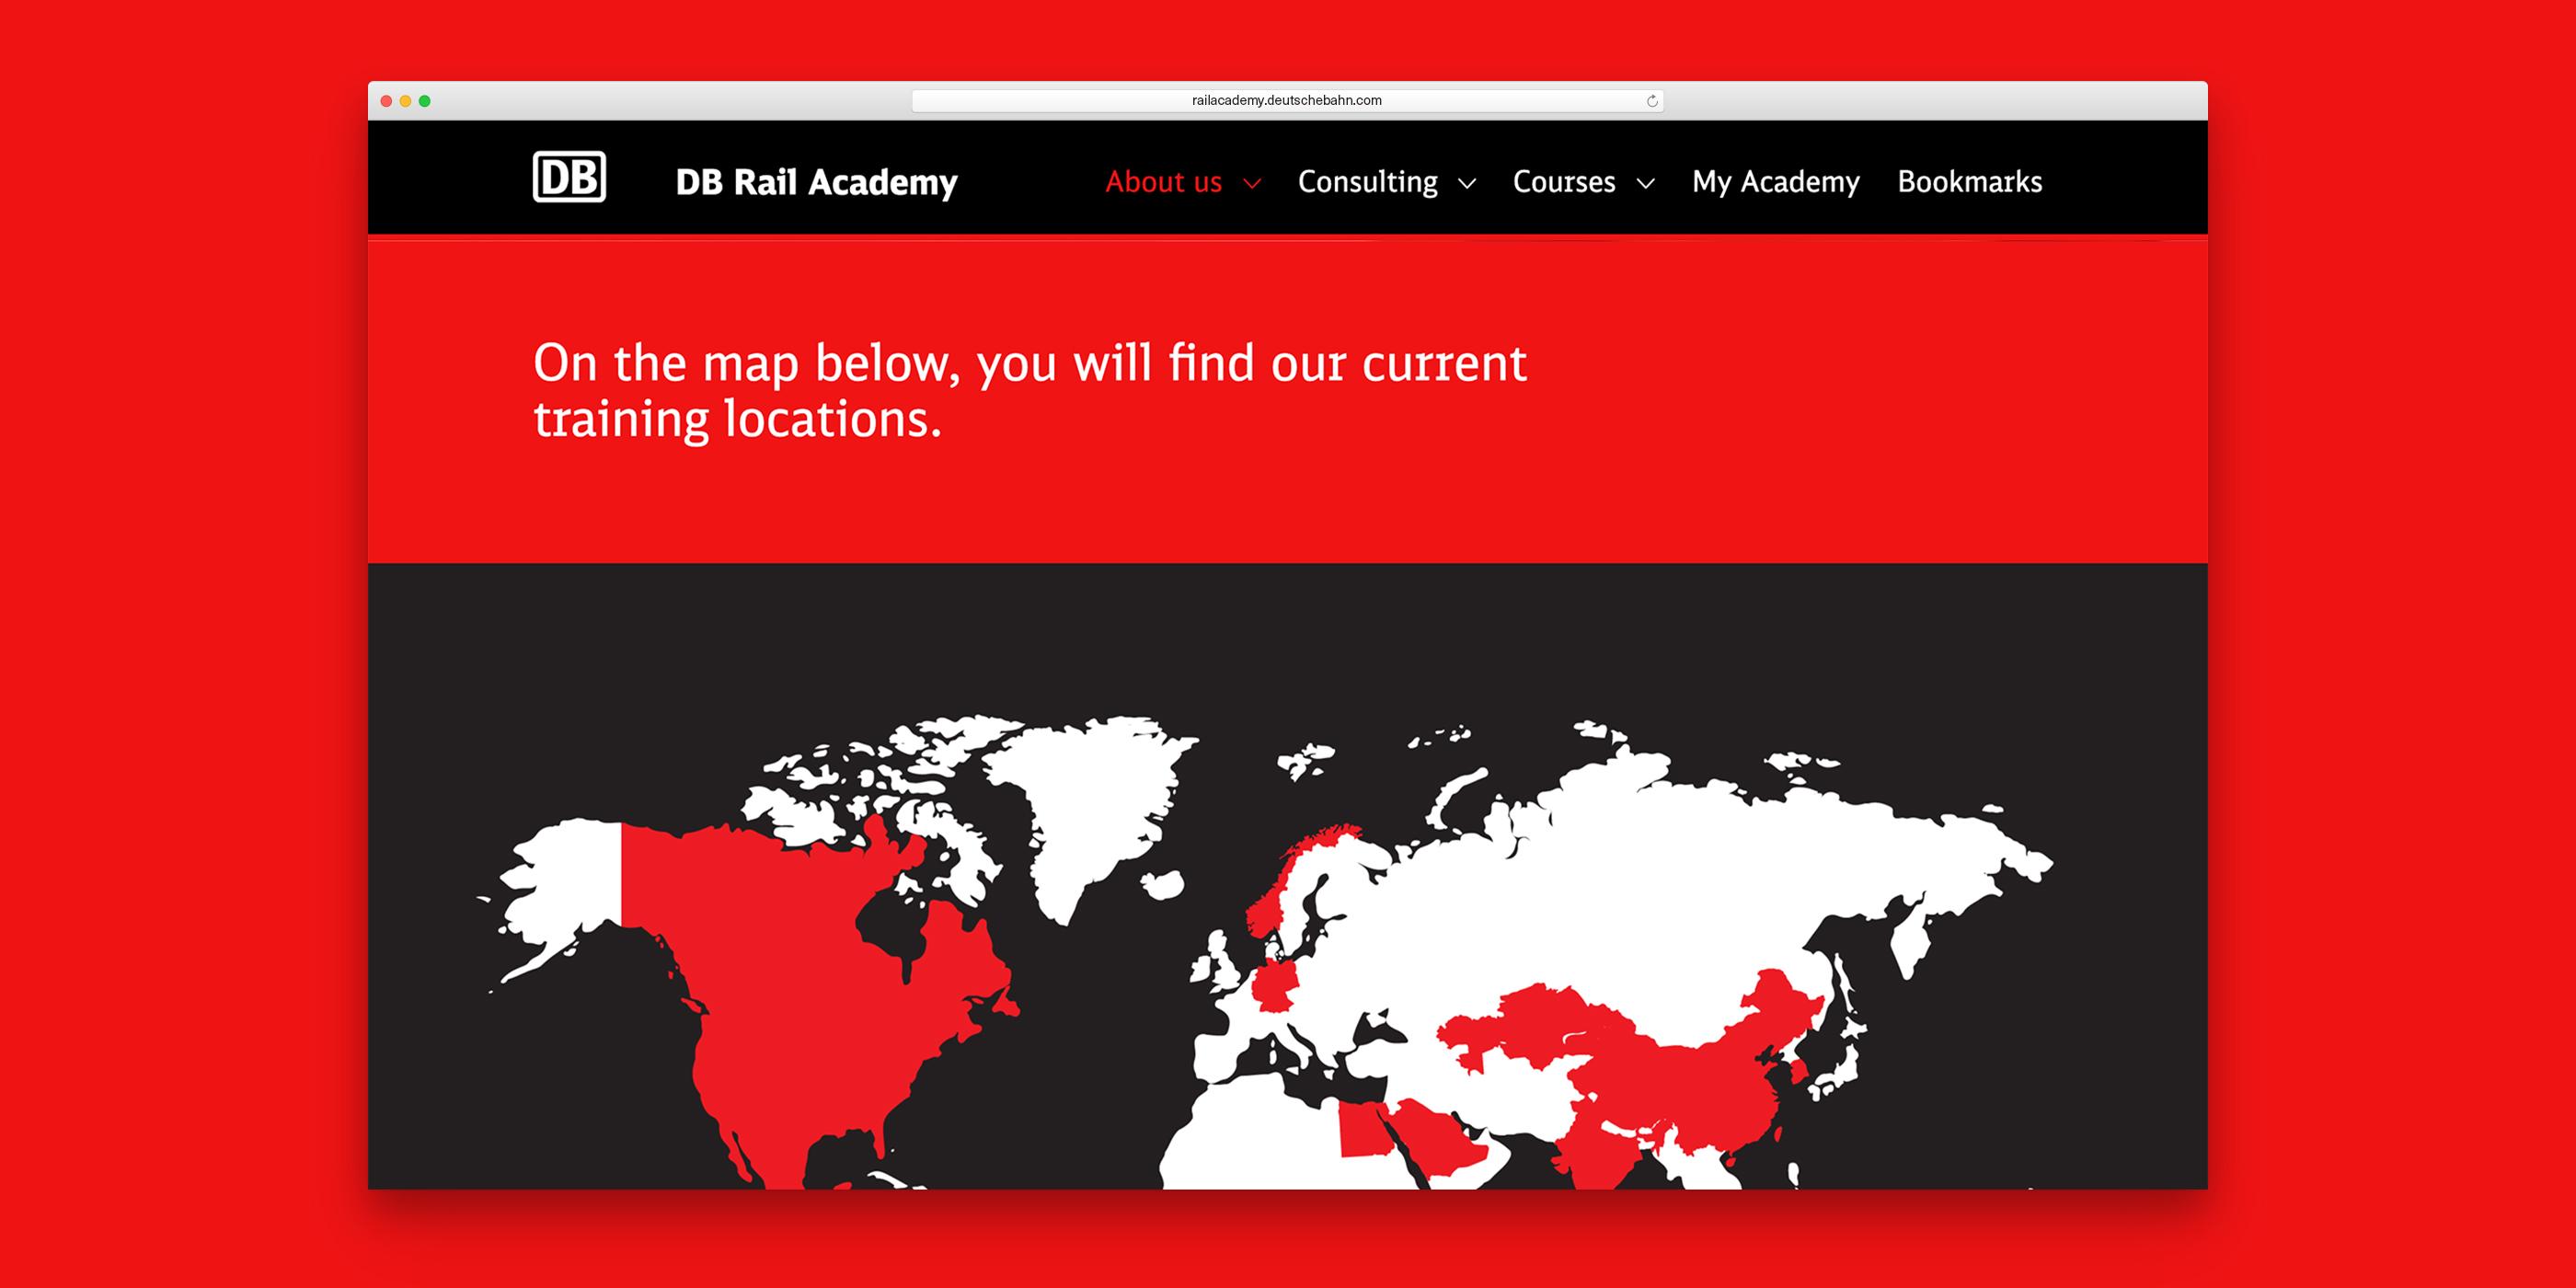 Ausschnitt einer illustrierten Weltkarte